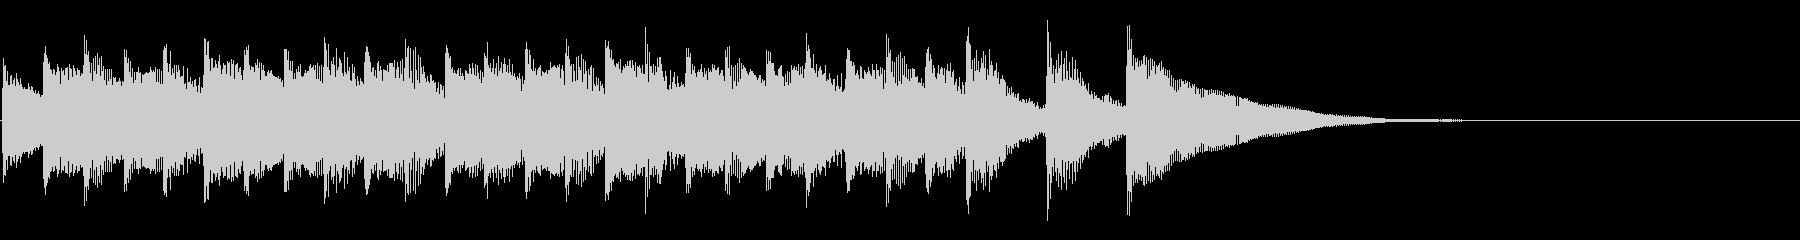 シンプルなアコギ風ジングルの未再生の波形